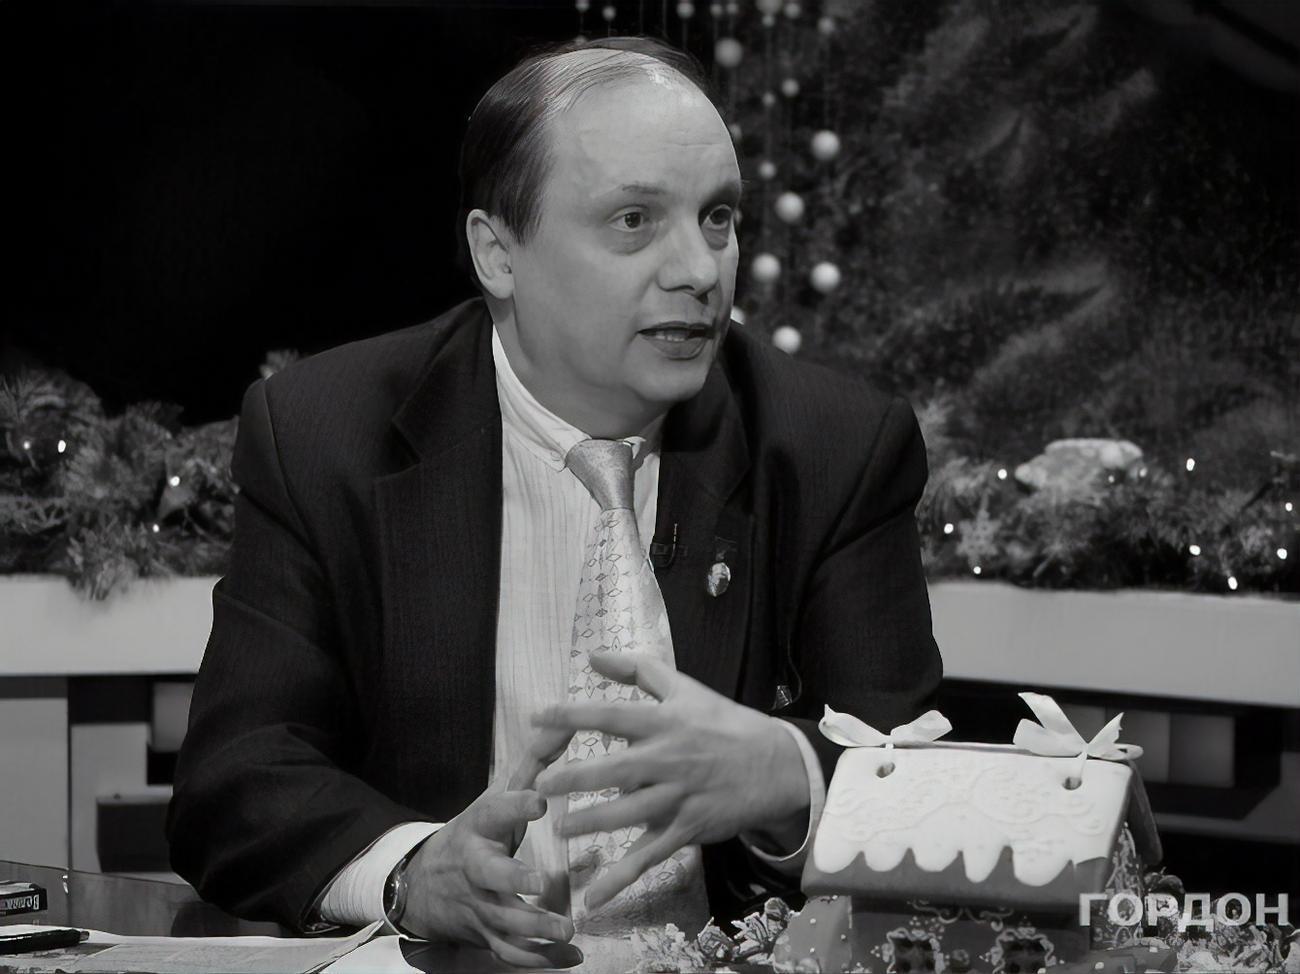 Умер бывший пресс-секретарь Вячеслава Чорновила Понамарчук